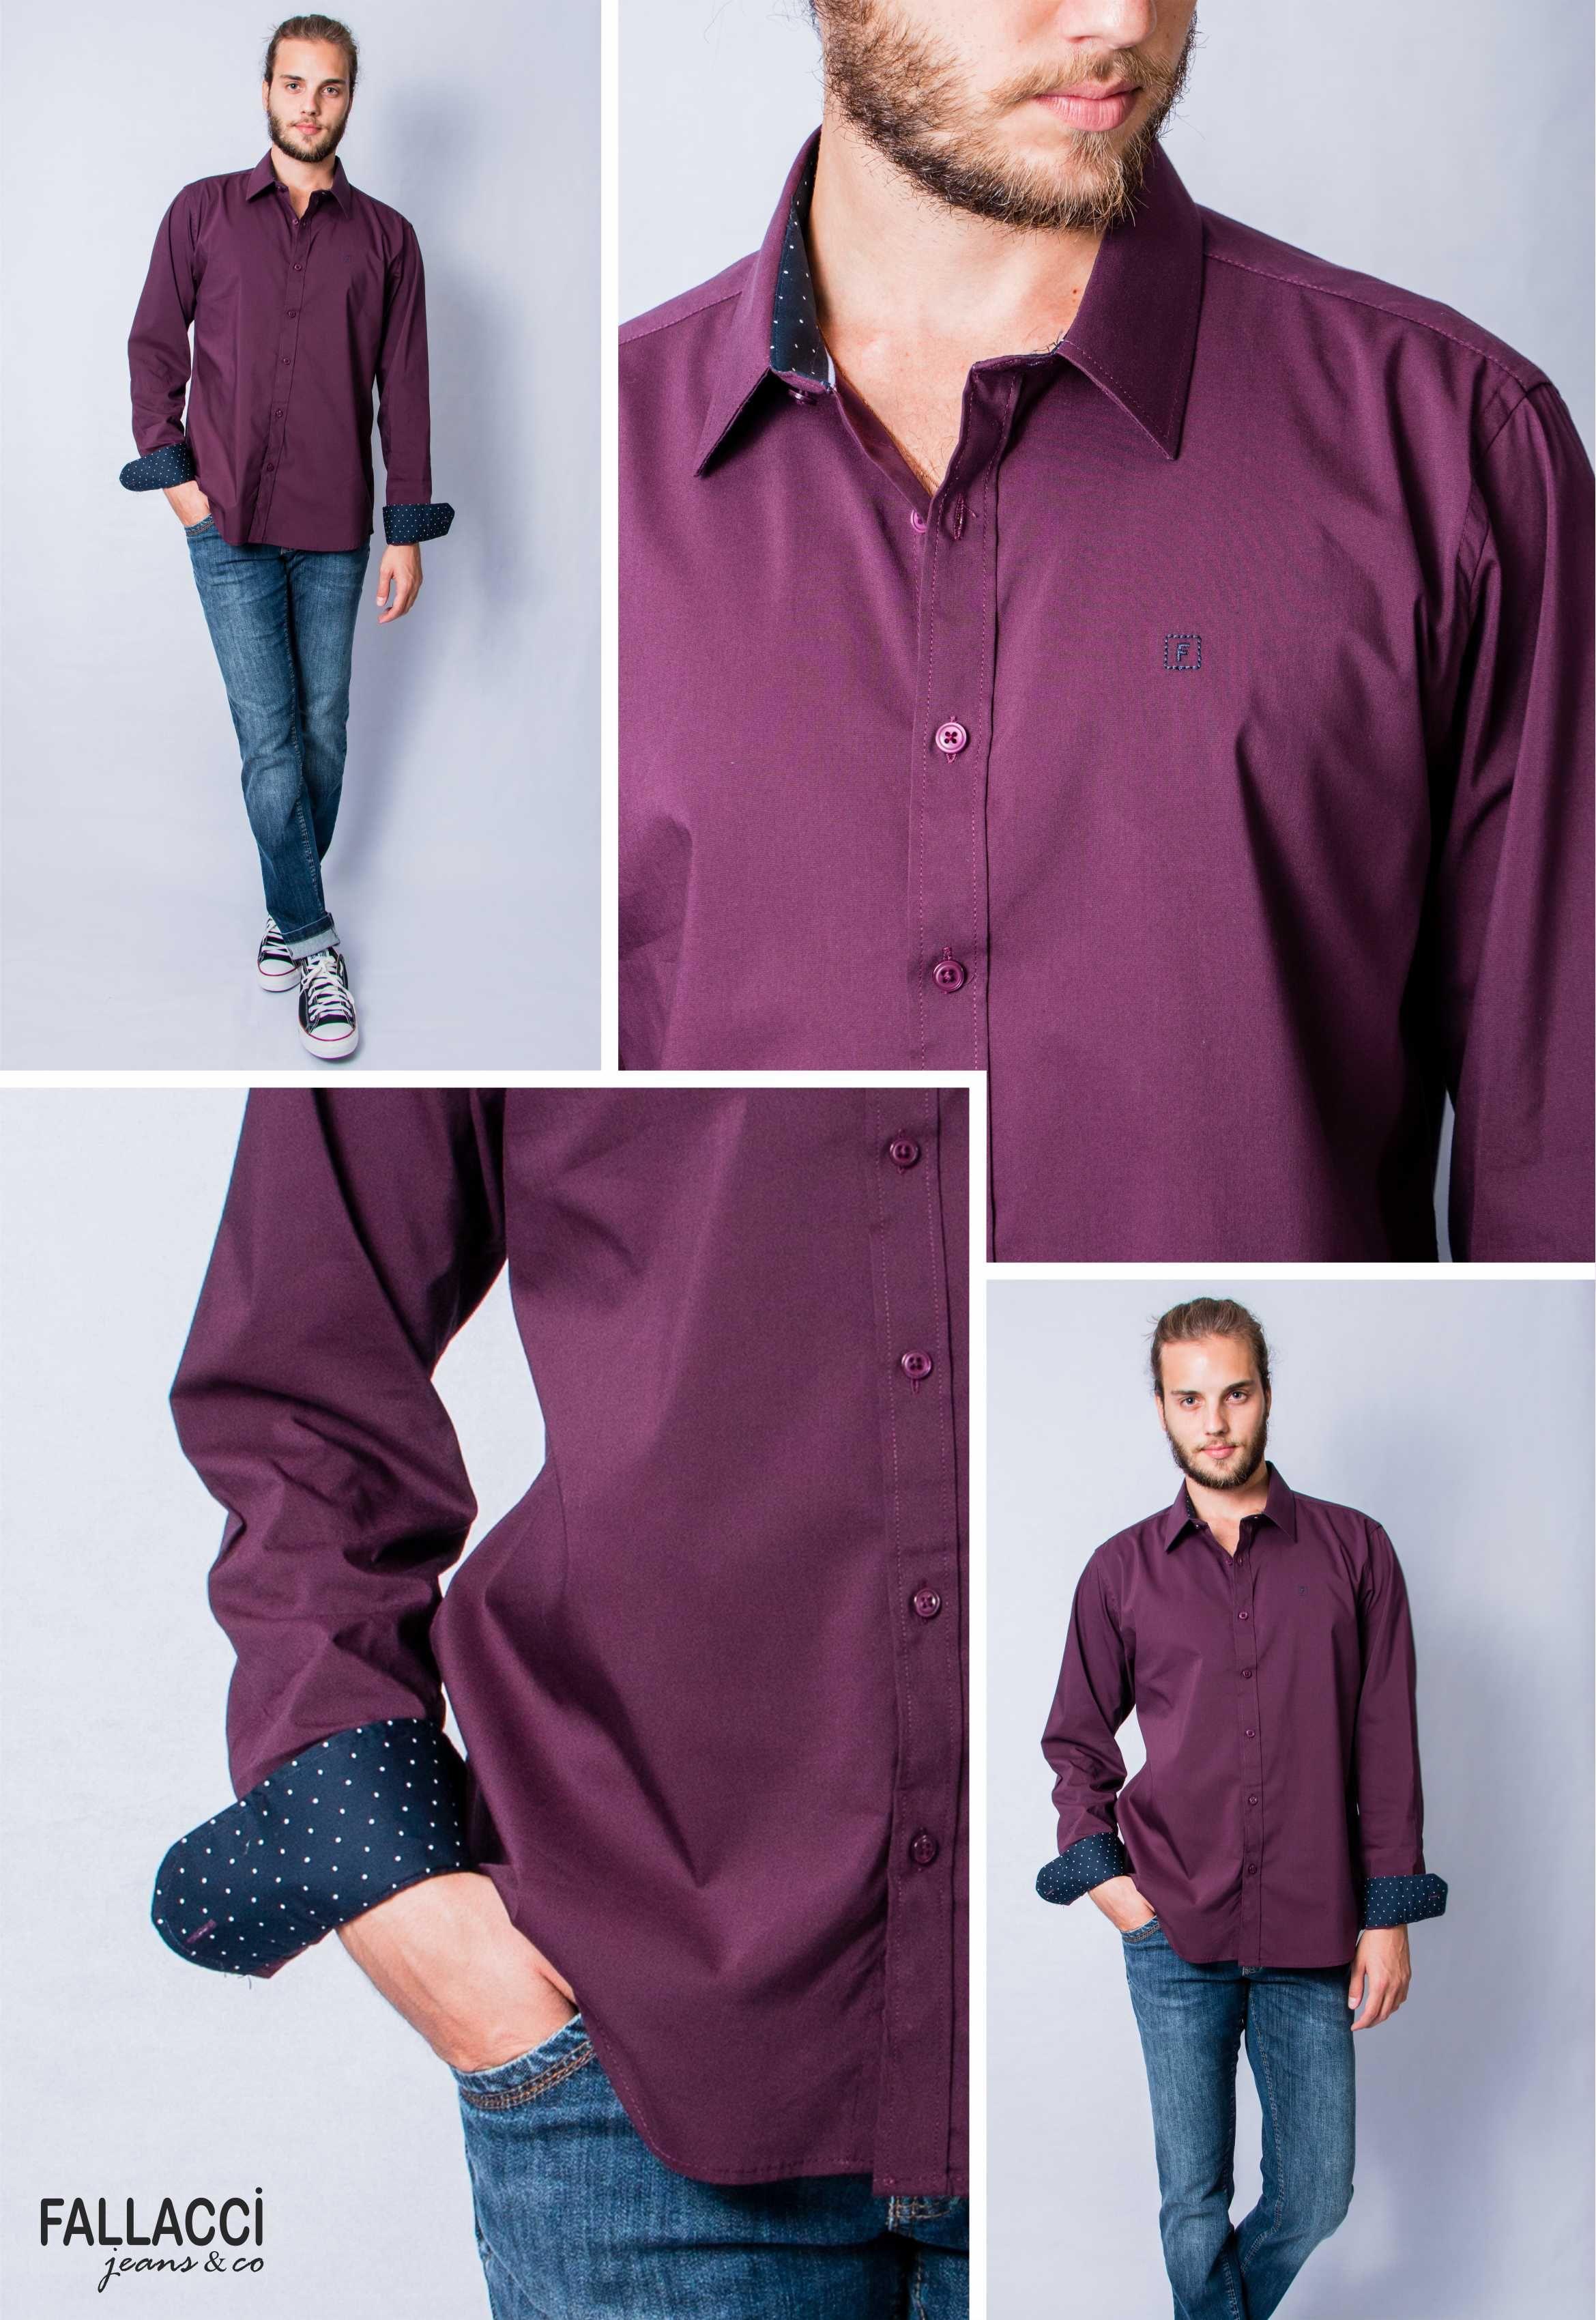 bf0e7f4077 Camisa masculina amora. Muito além de uma camisa